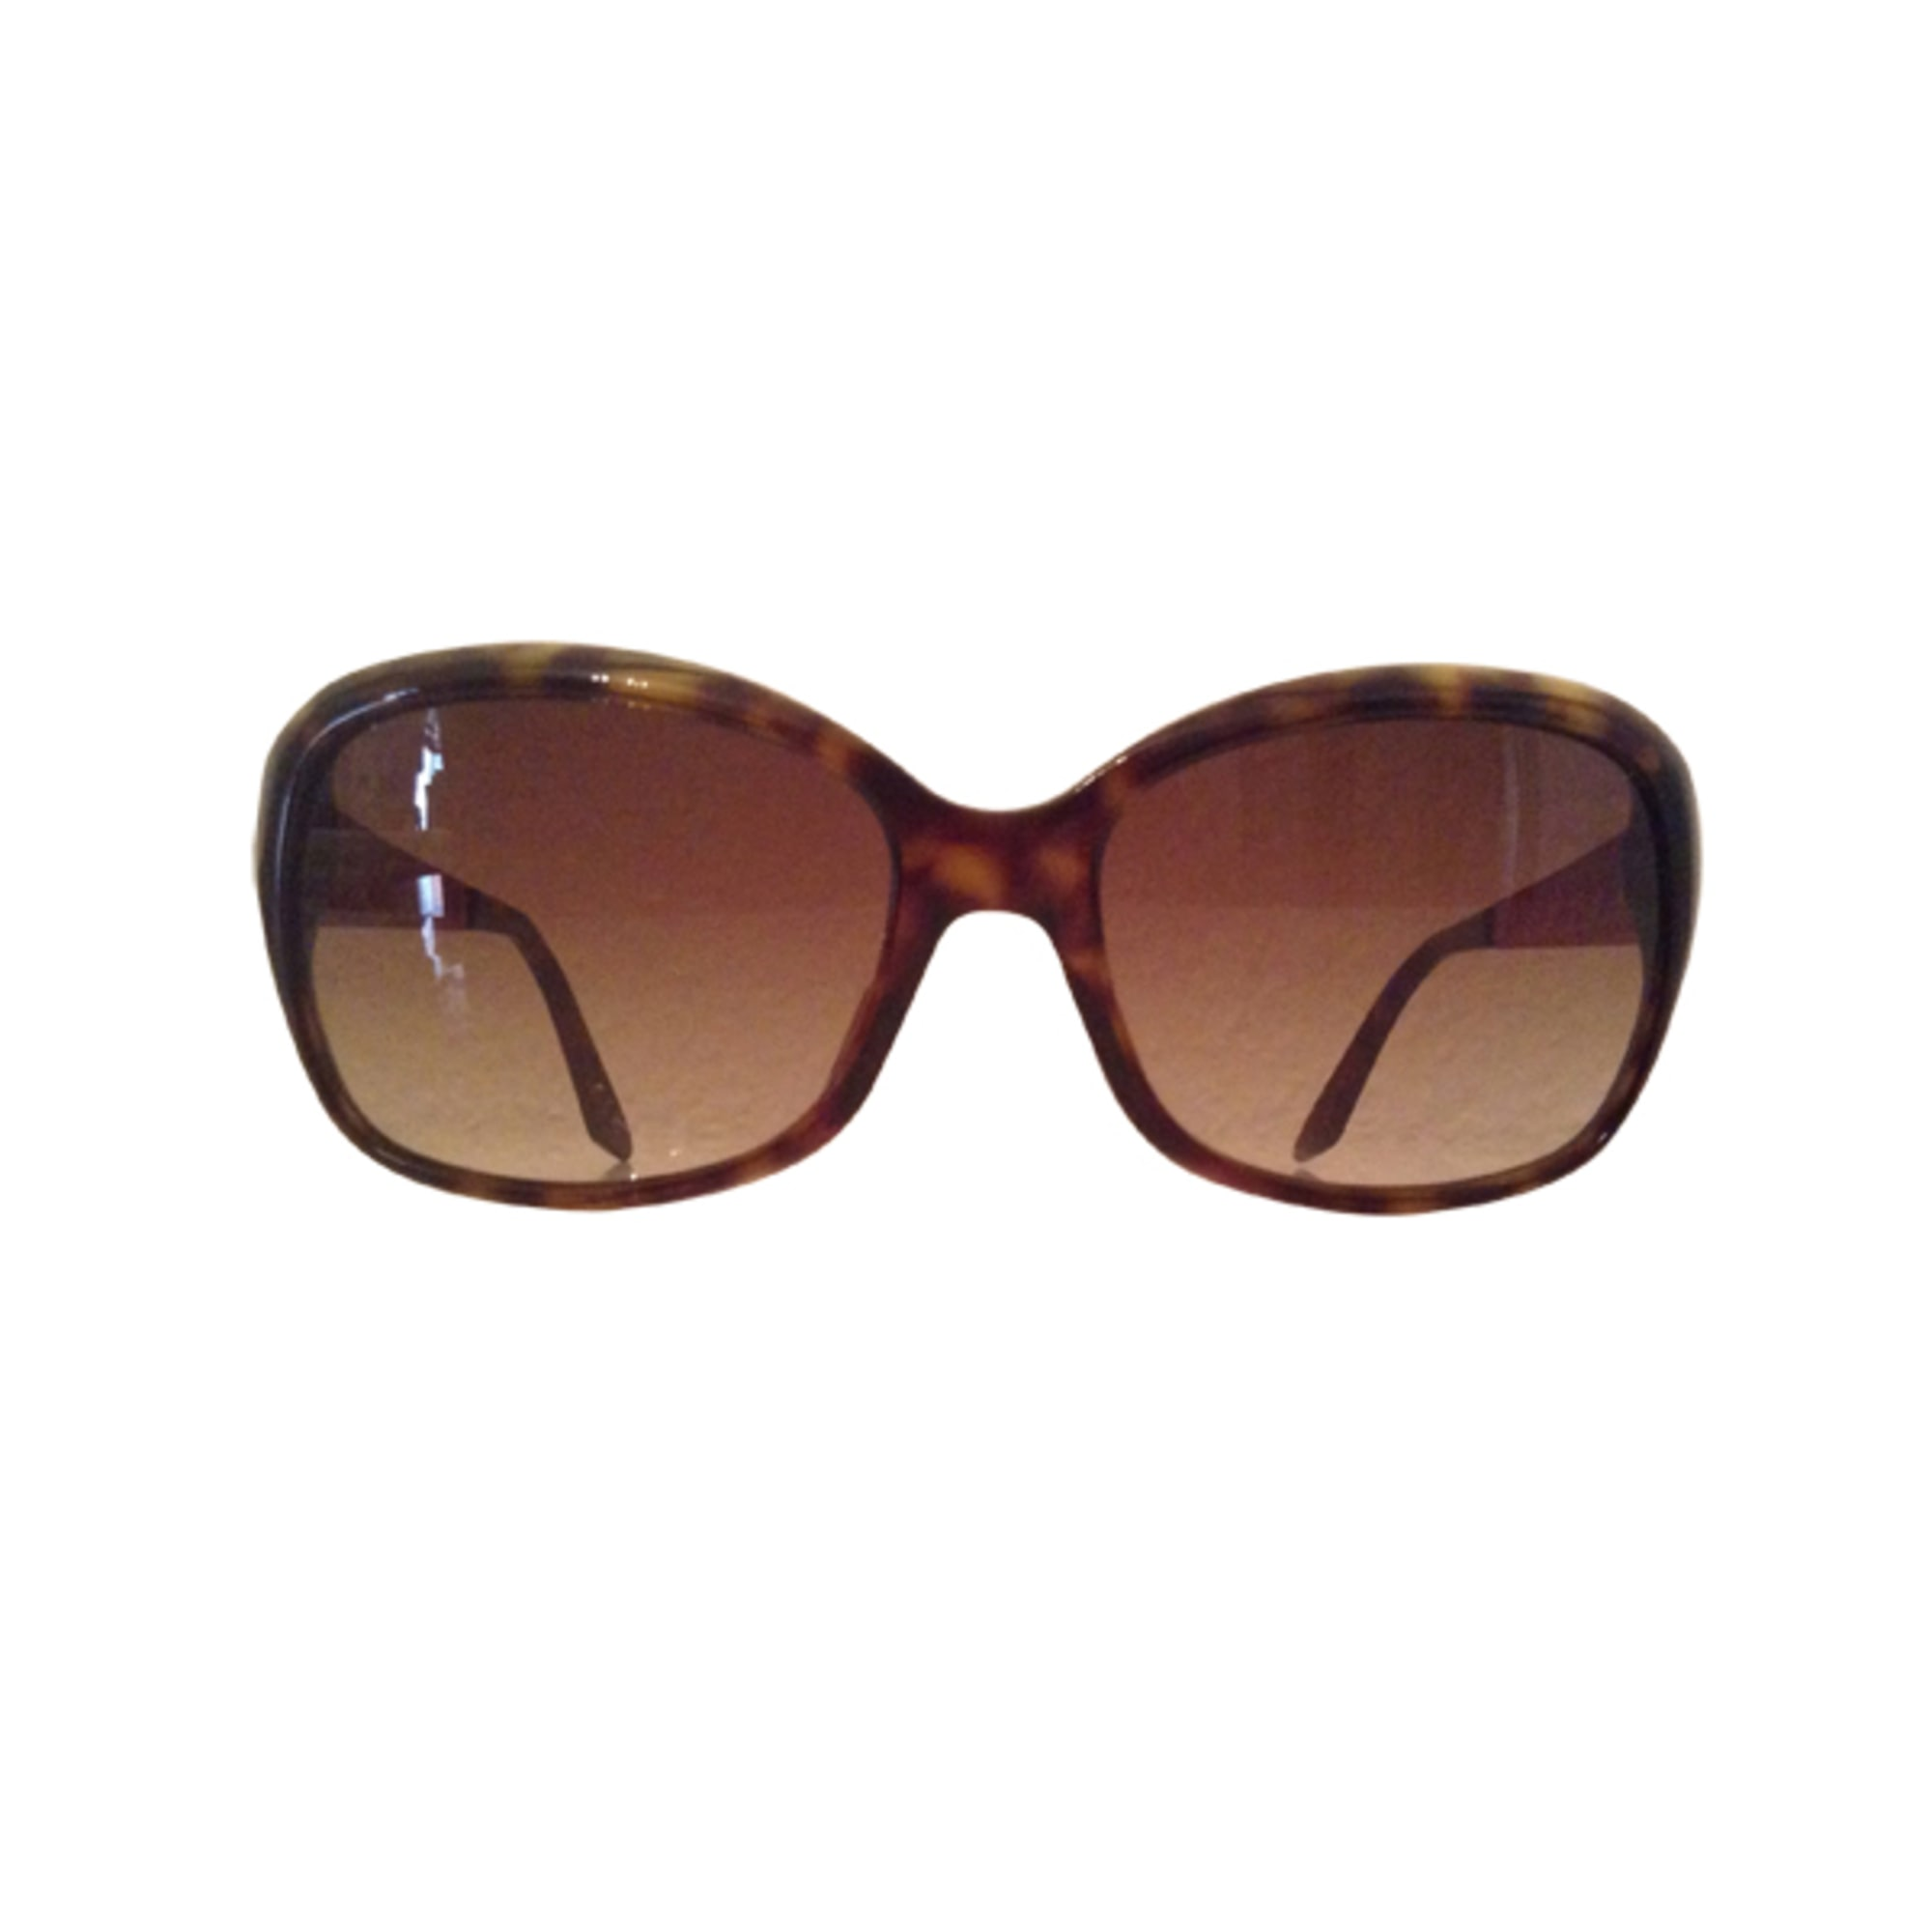 Lunettes de soleil DIOR marron vendu par Le dressingd anso - 1558810 a85bd878ba1f